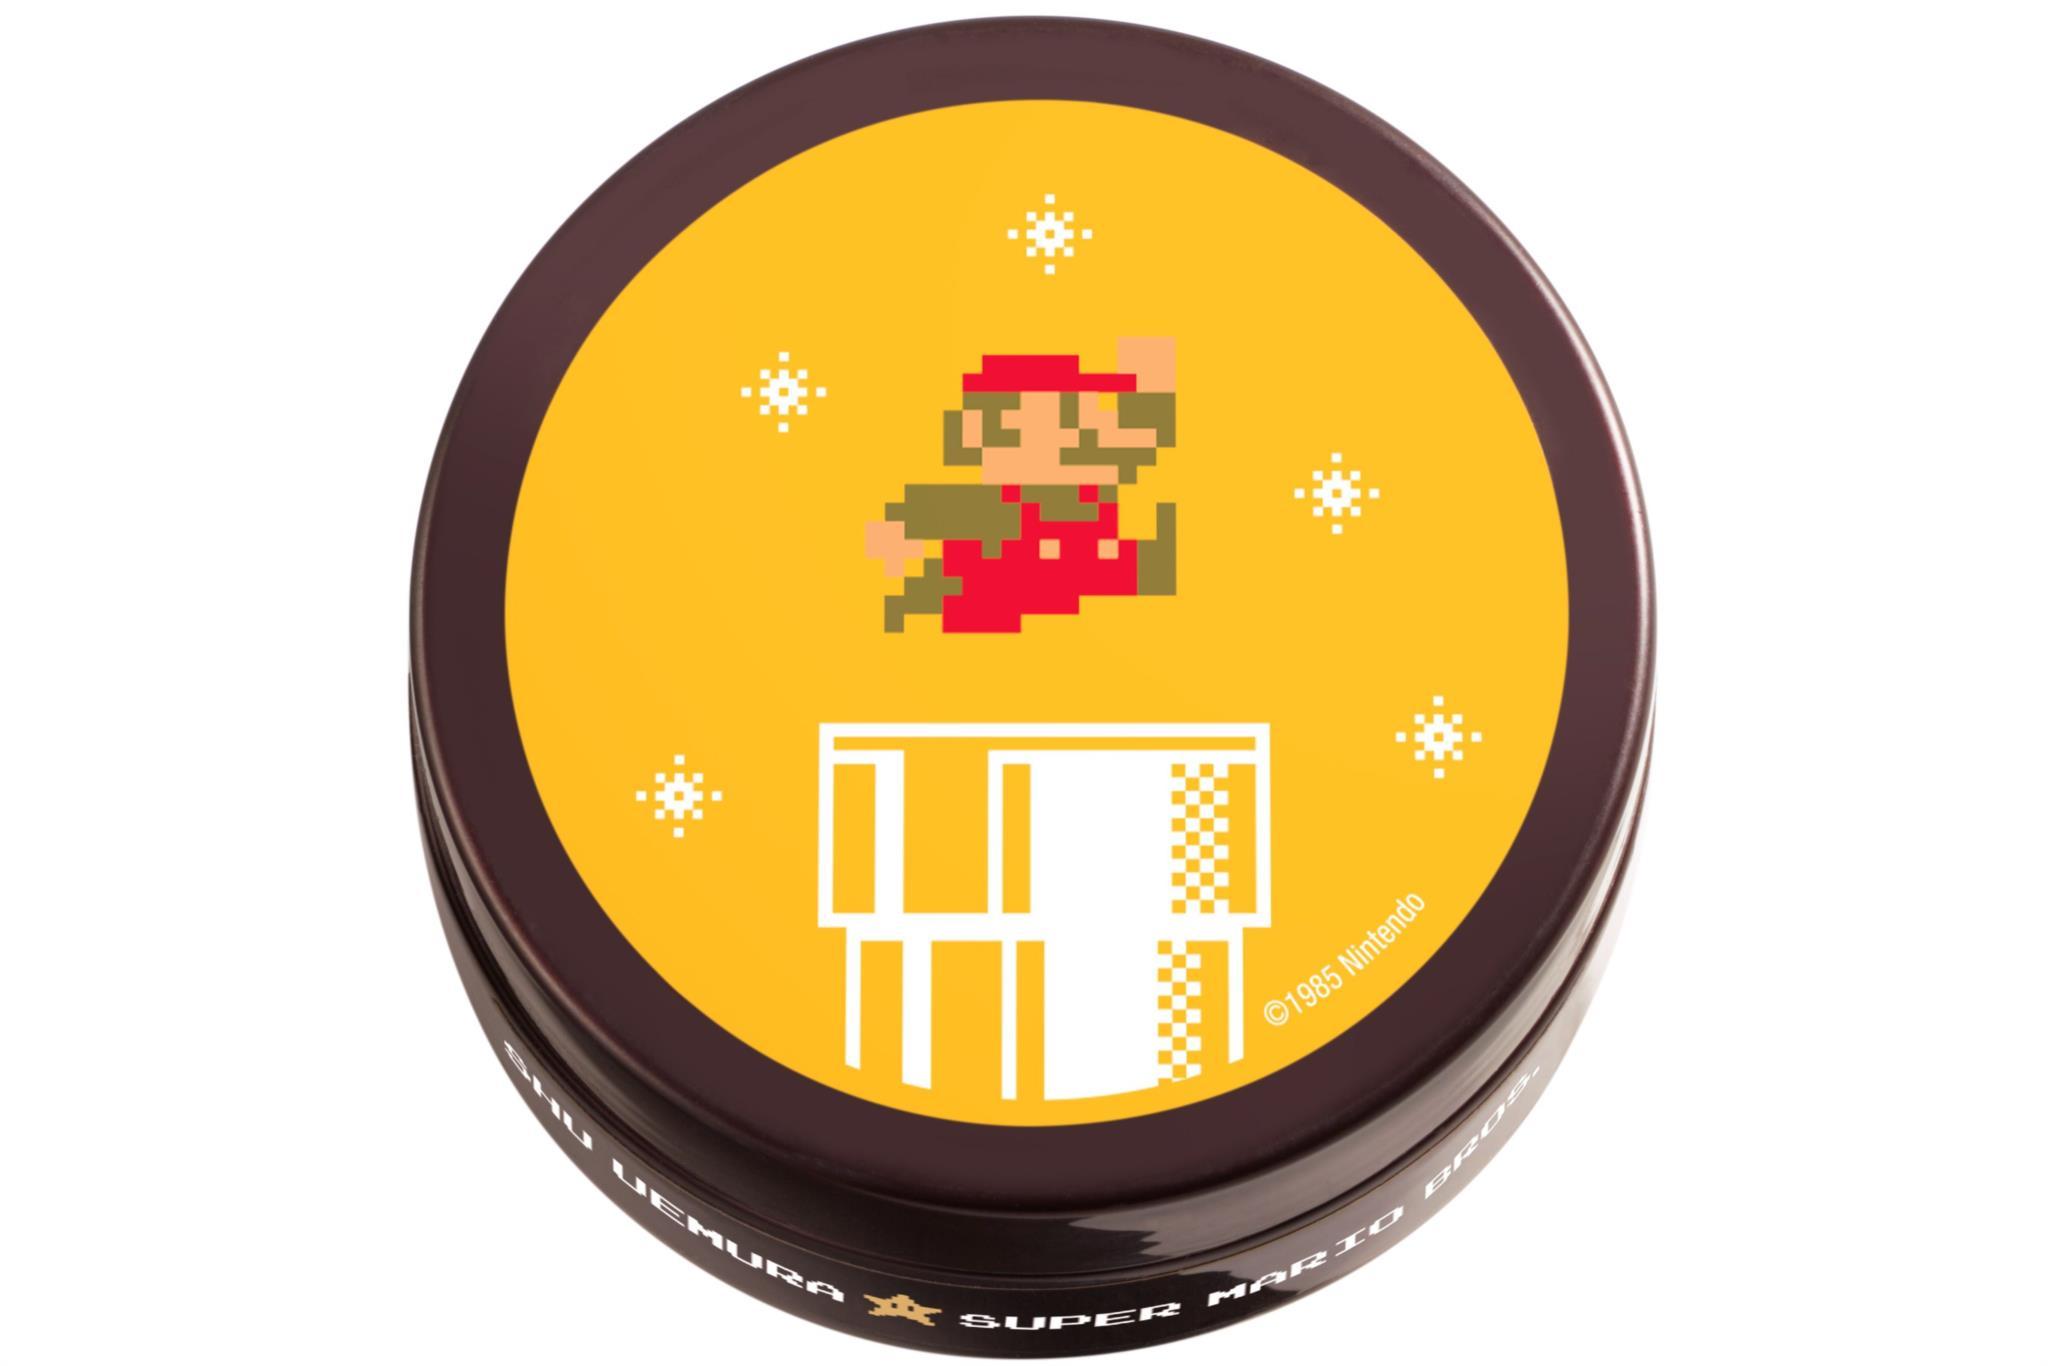 Super Mario entra no mundo da maquilhagem, com Shu Uemura